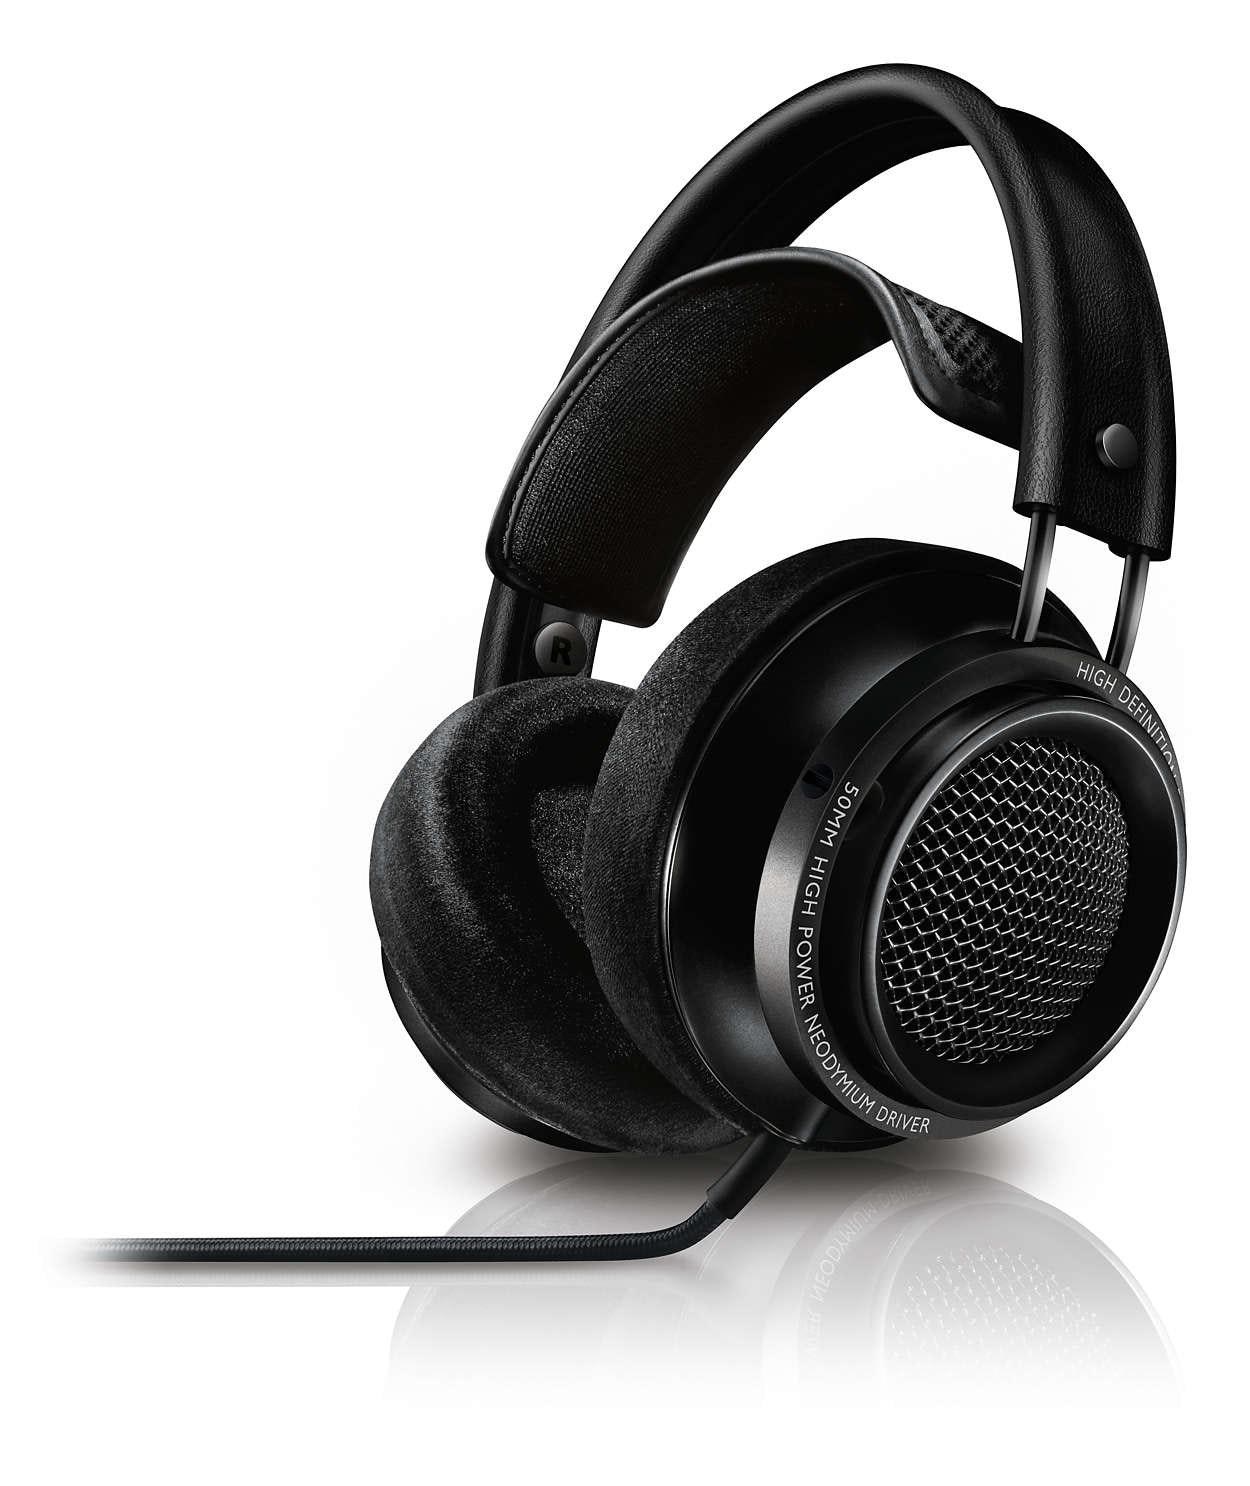 Philips Fidelio X2 Open Headphones